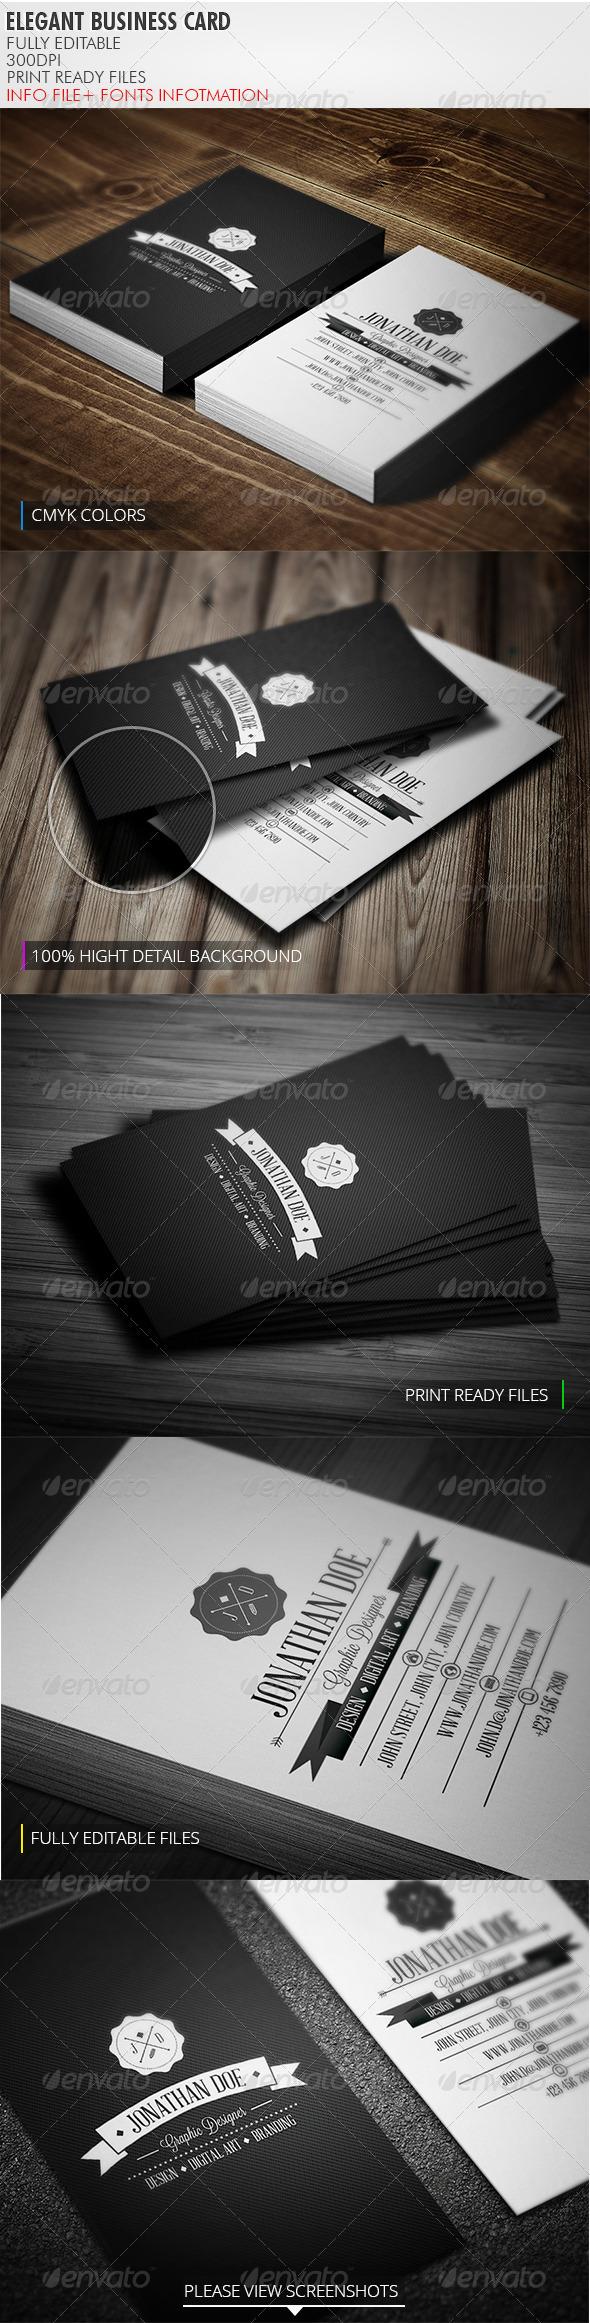 Retro Business Card - Retro/Vintage Business Cards